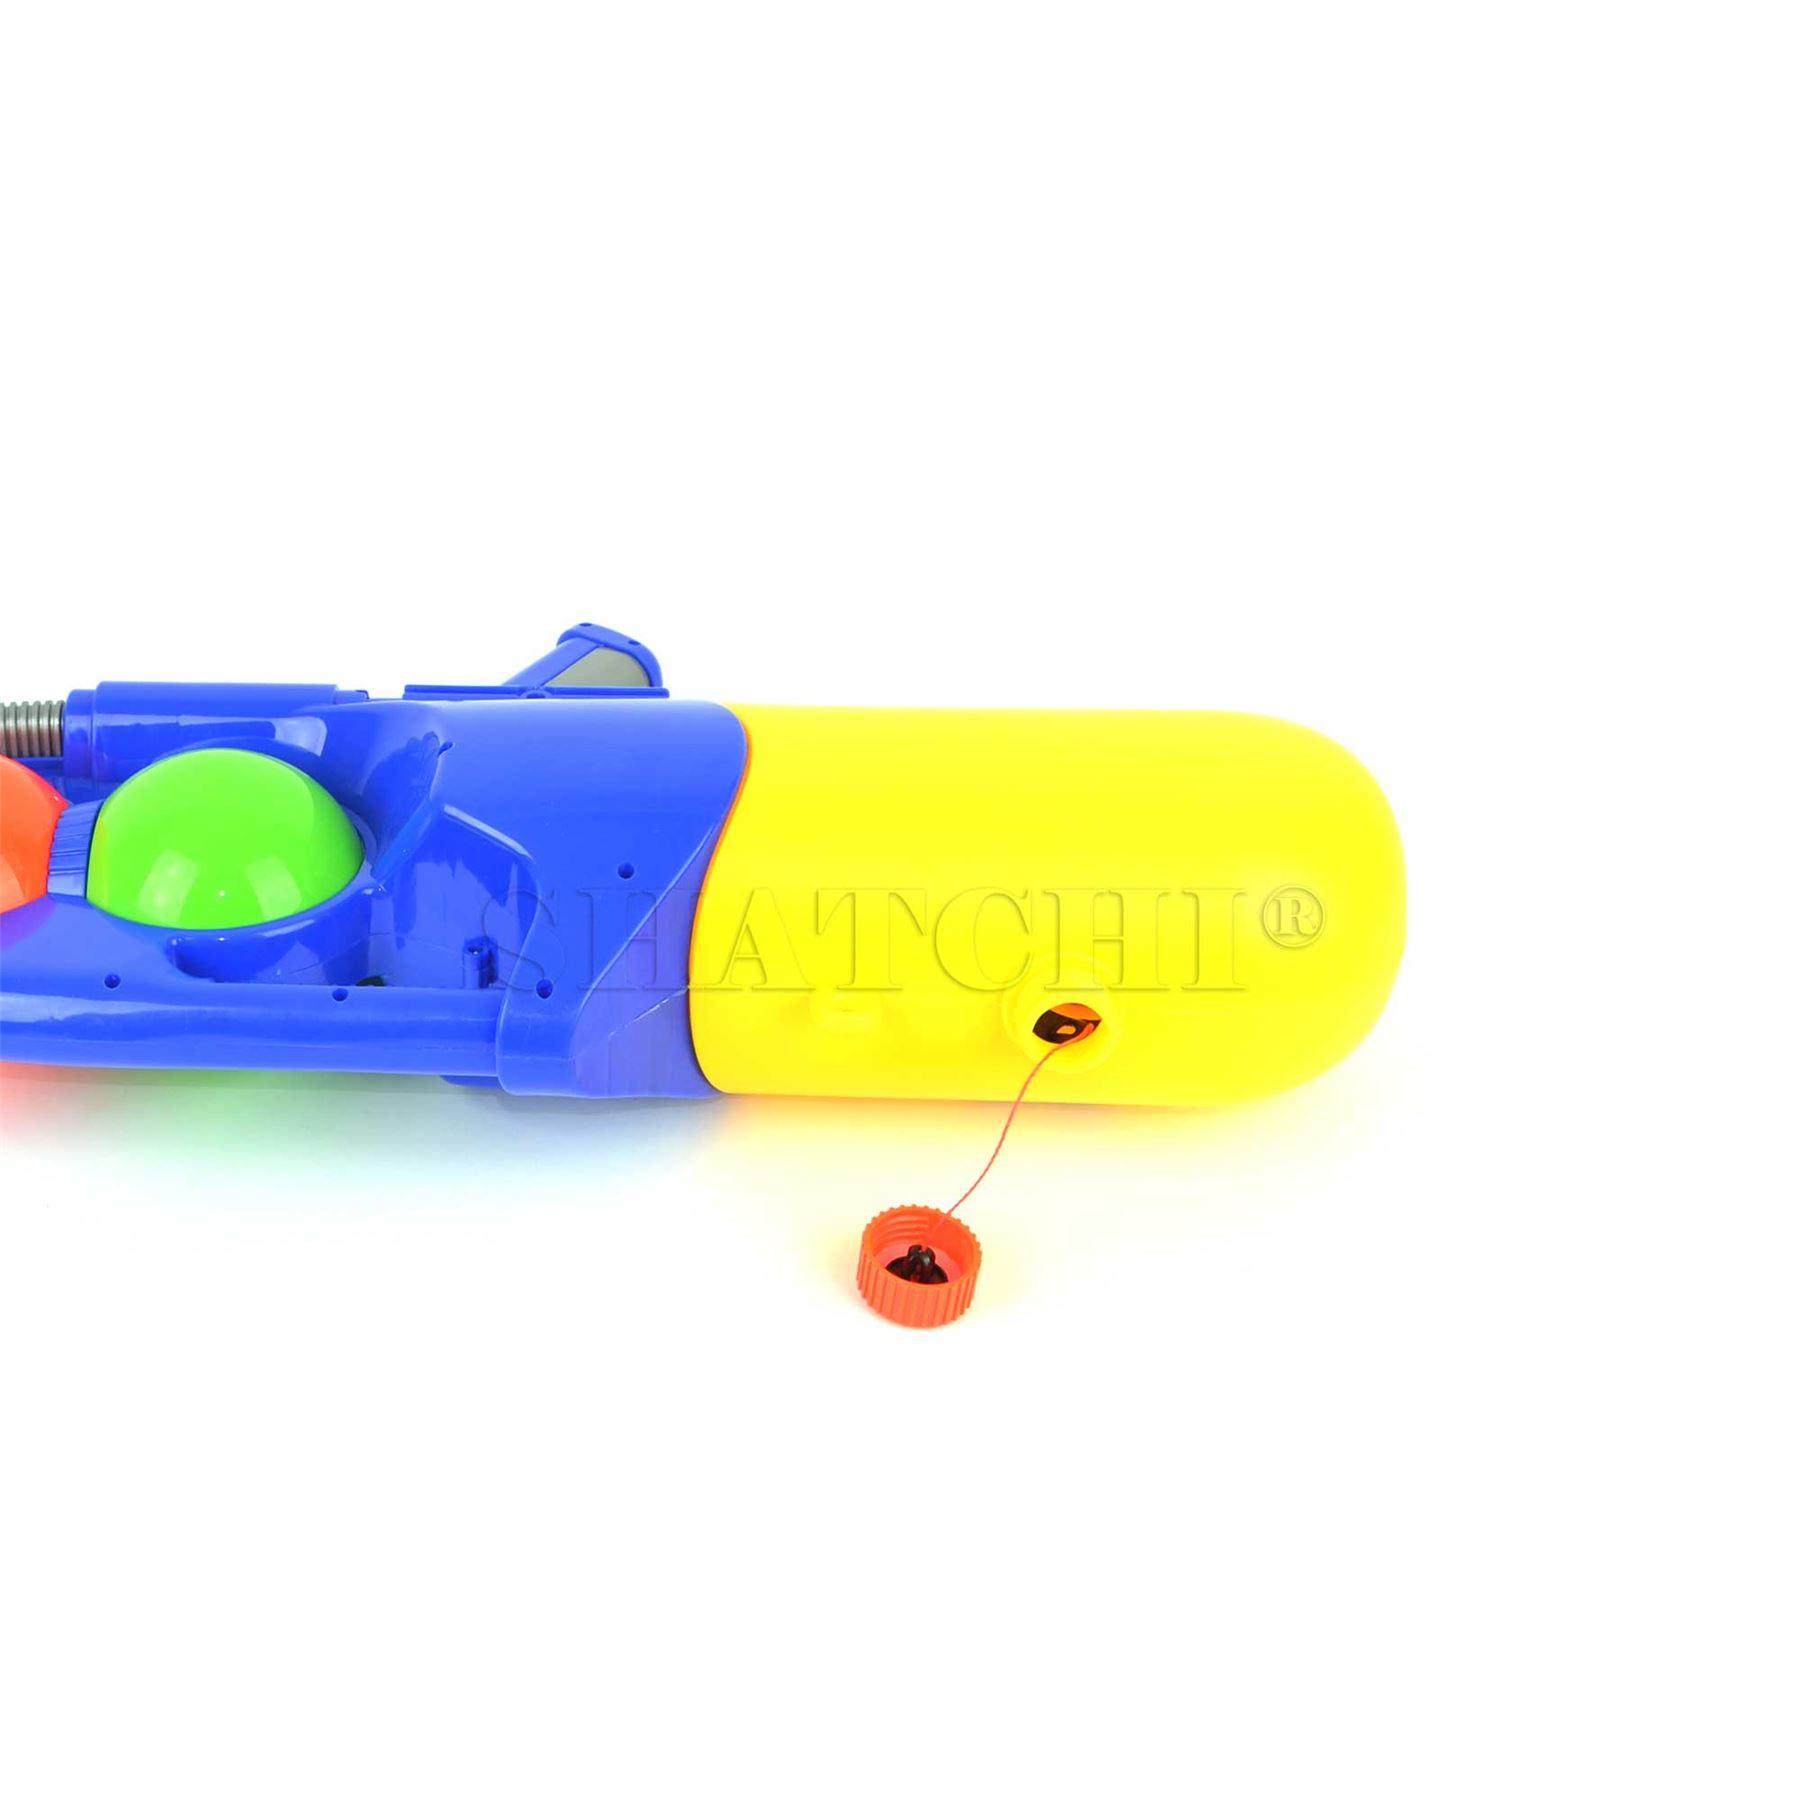 miniature 41 - Large Water Gun Pump Action Super Soaker Sprayer Backpack Outdoor Beach Garden